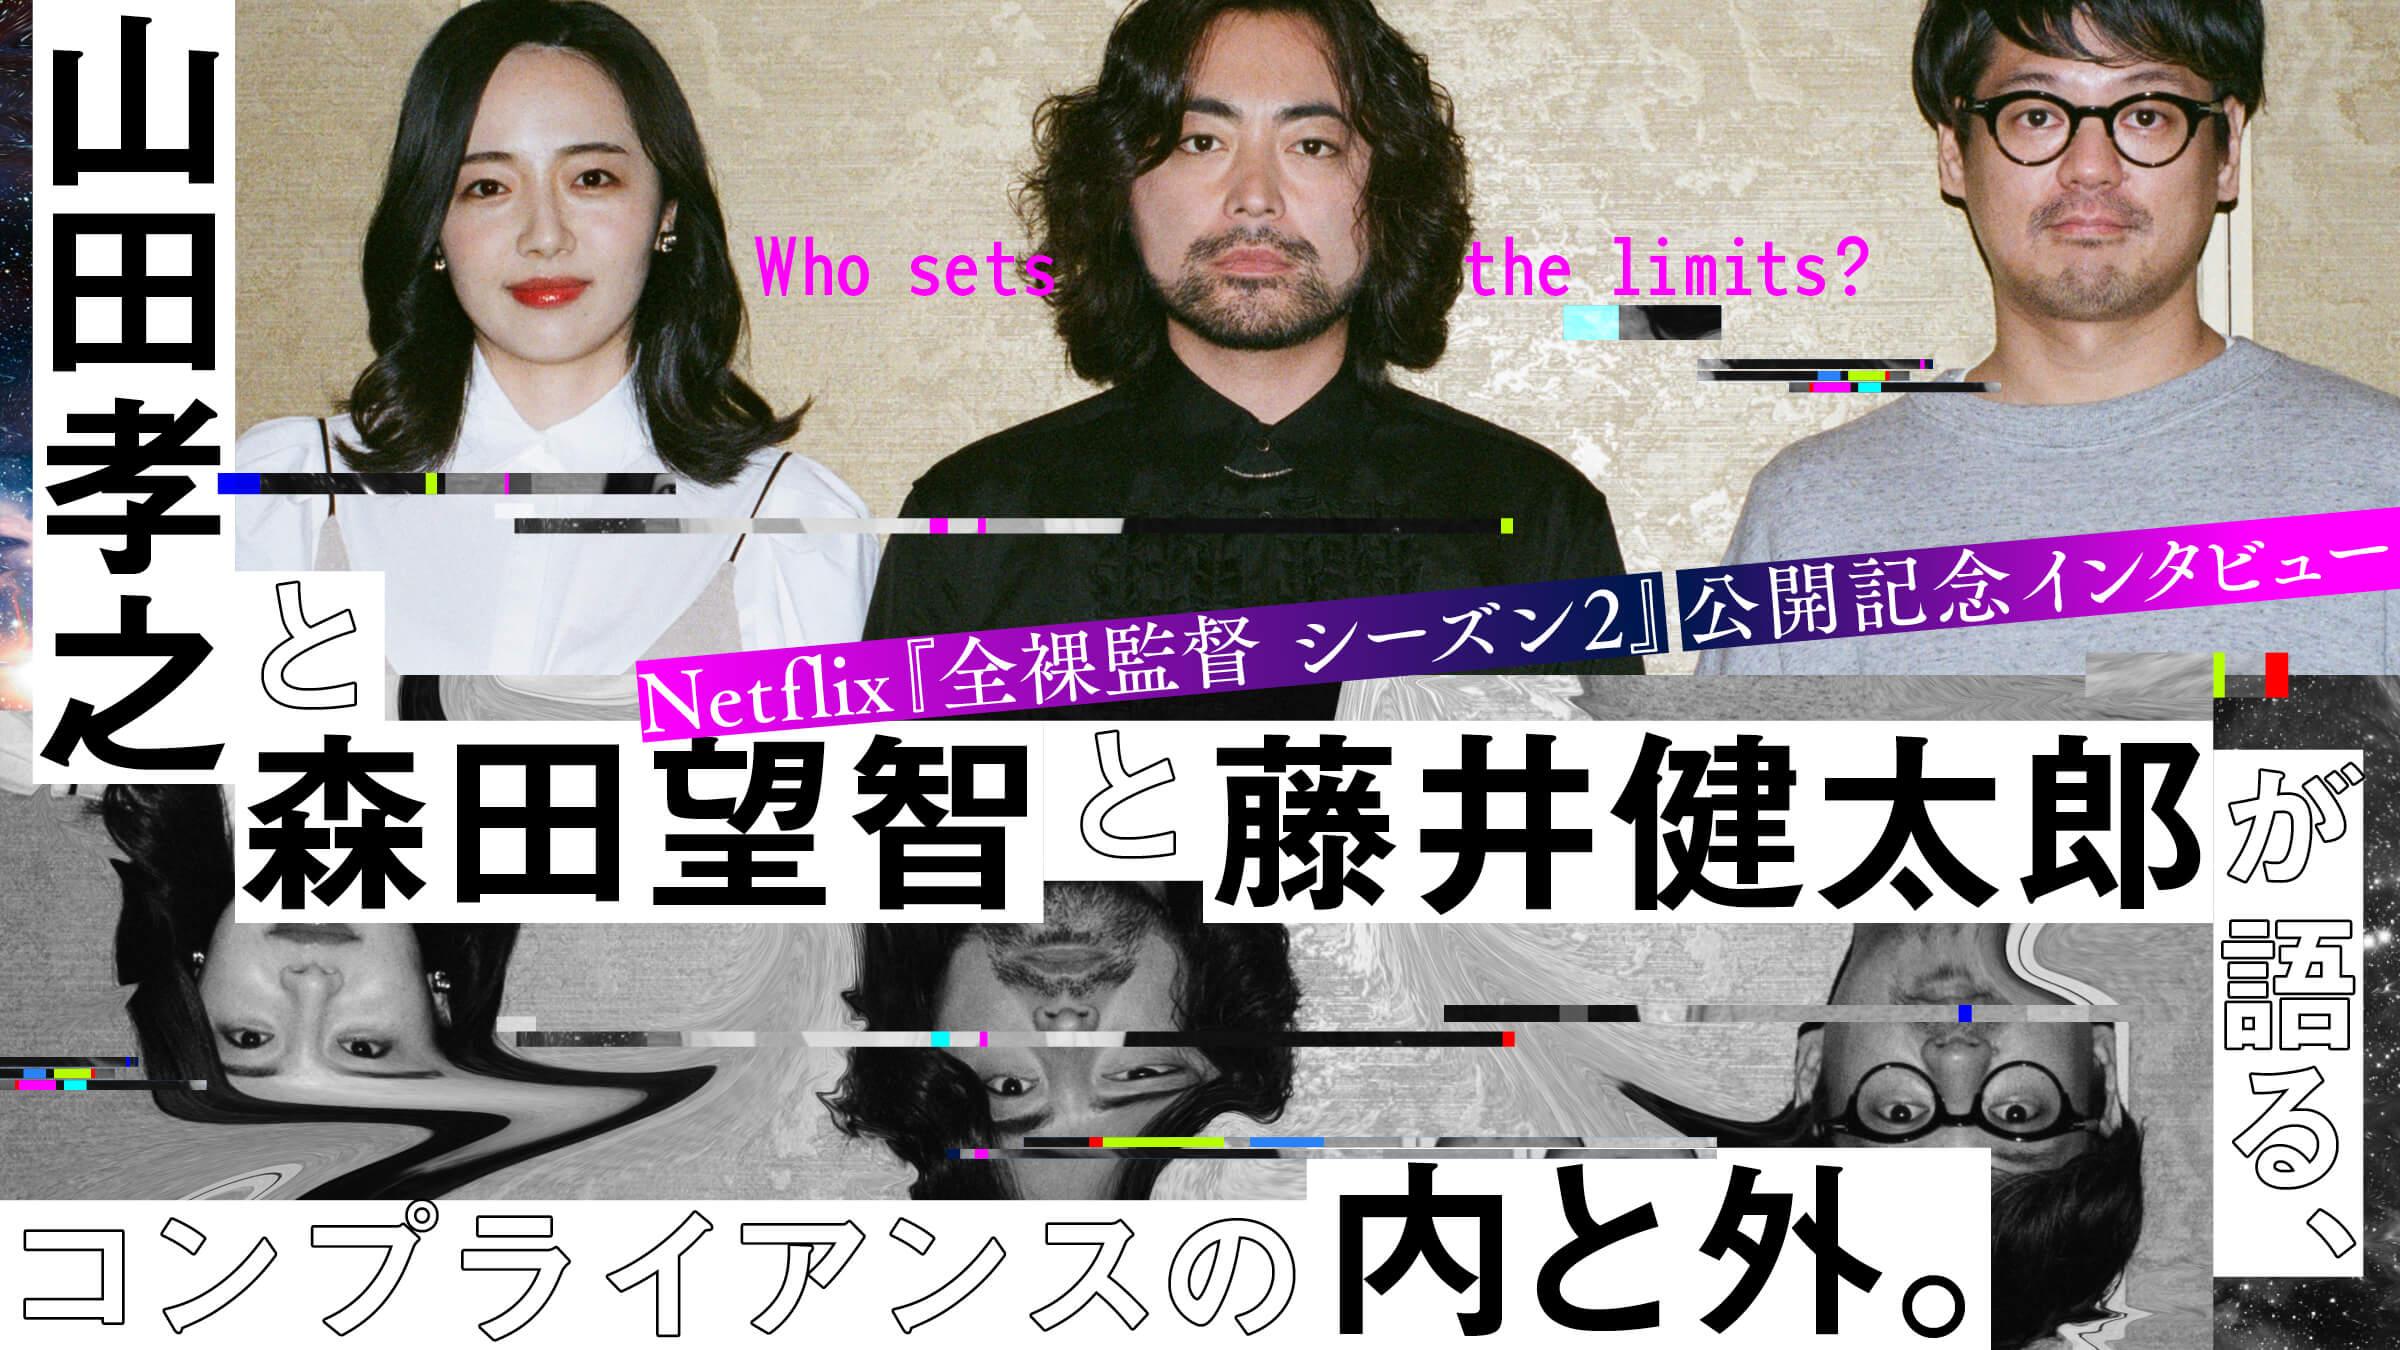 Netflix『全裸監督 シーズン2』公開記念インタビュー山田孝之と森田望智と藤井健太郎が語る、コンプライアンスの内と外。